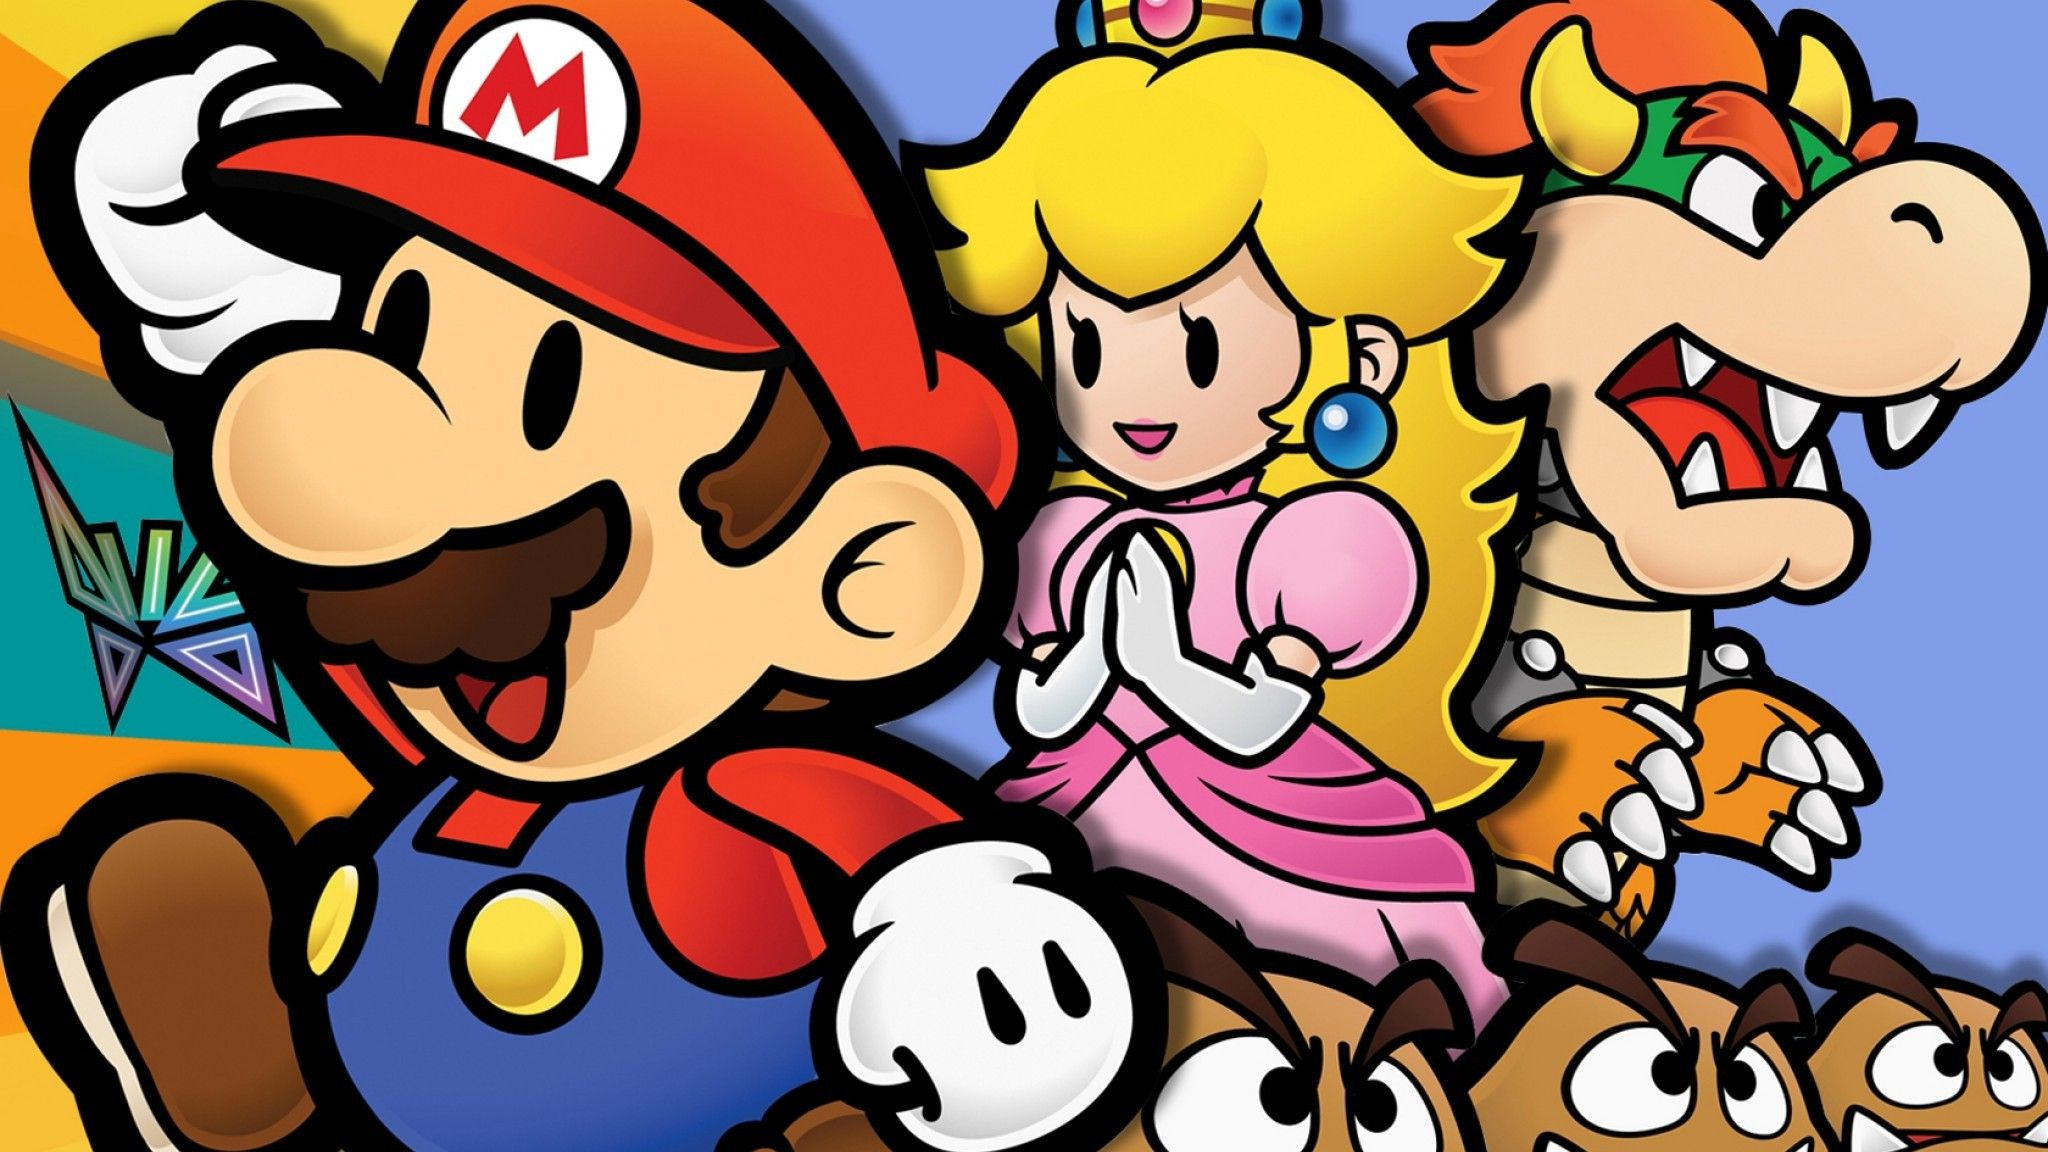 Mario Paper Jeux Mario Jeux Video